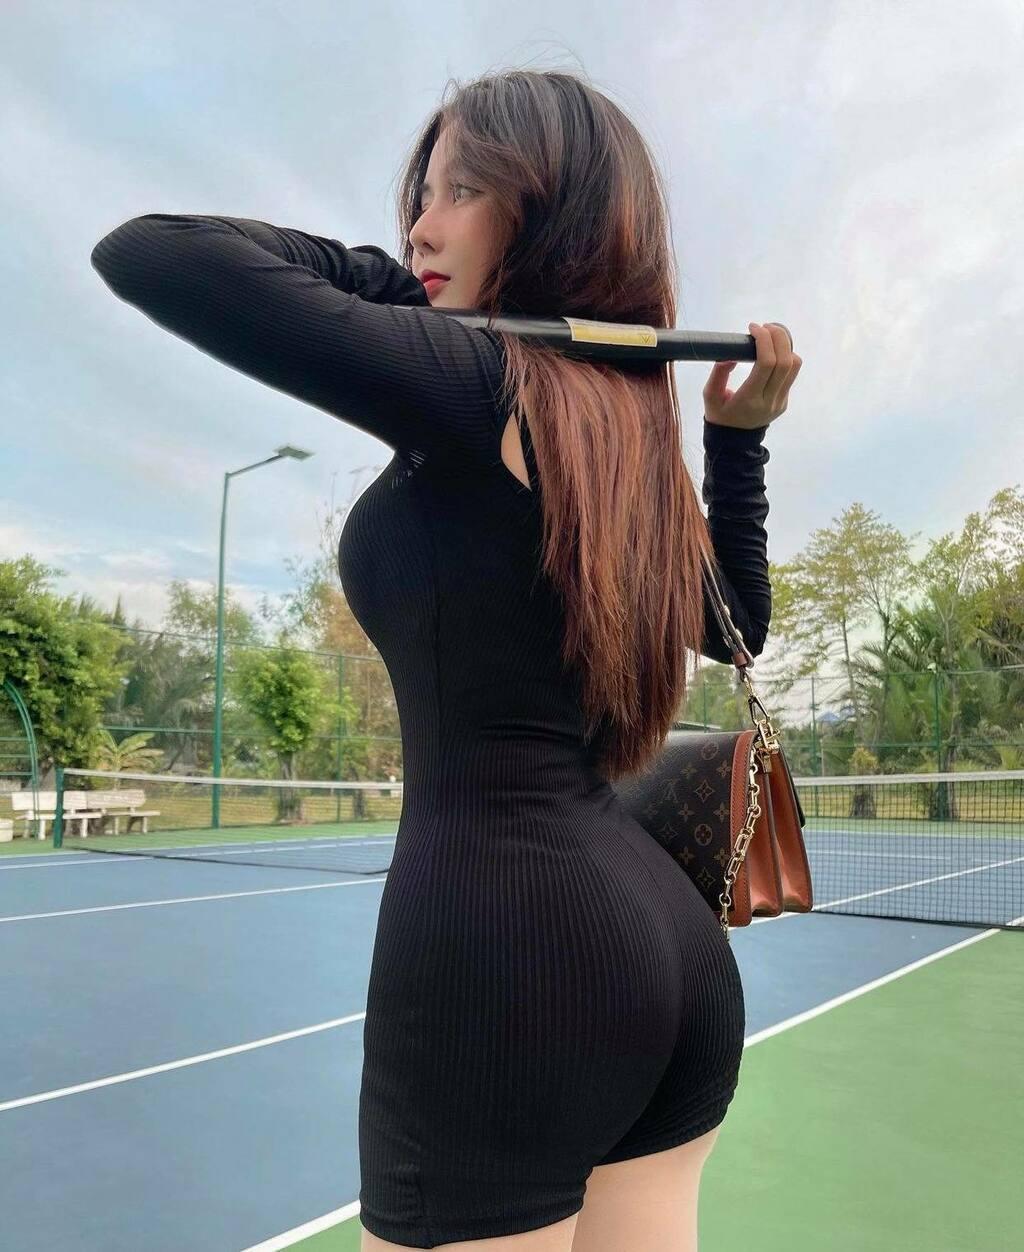 Nữ sinh hot nhất Sài thành chuyên diện đồ ôm siêu ngắn ra sân môn thể thao nhà giàu